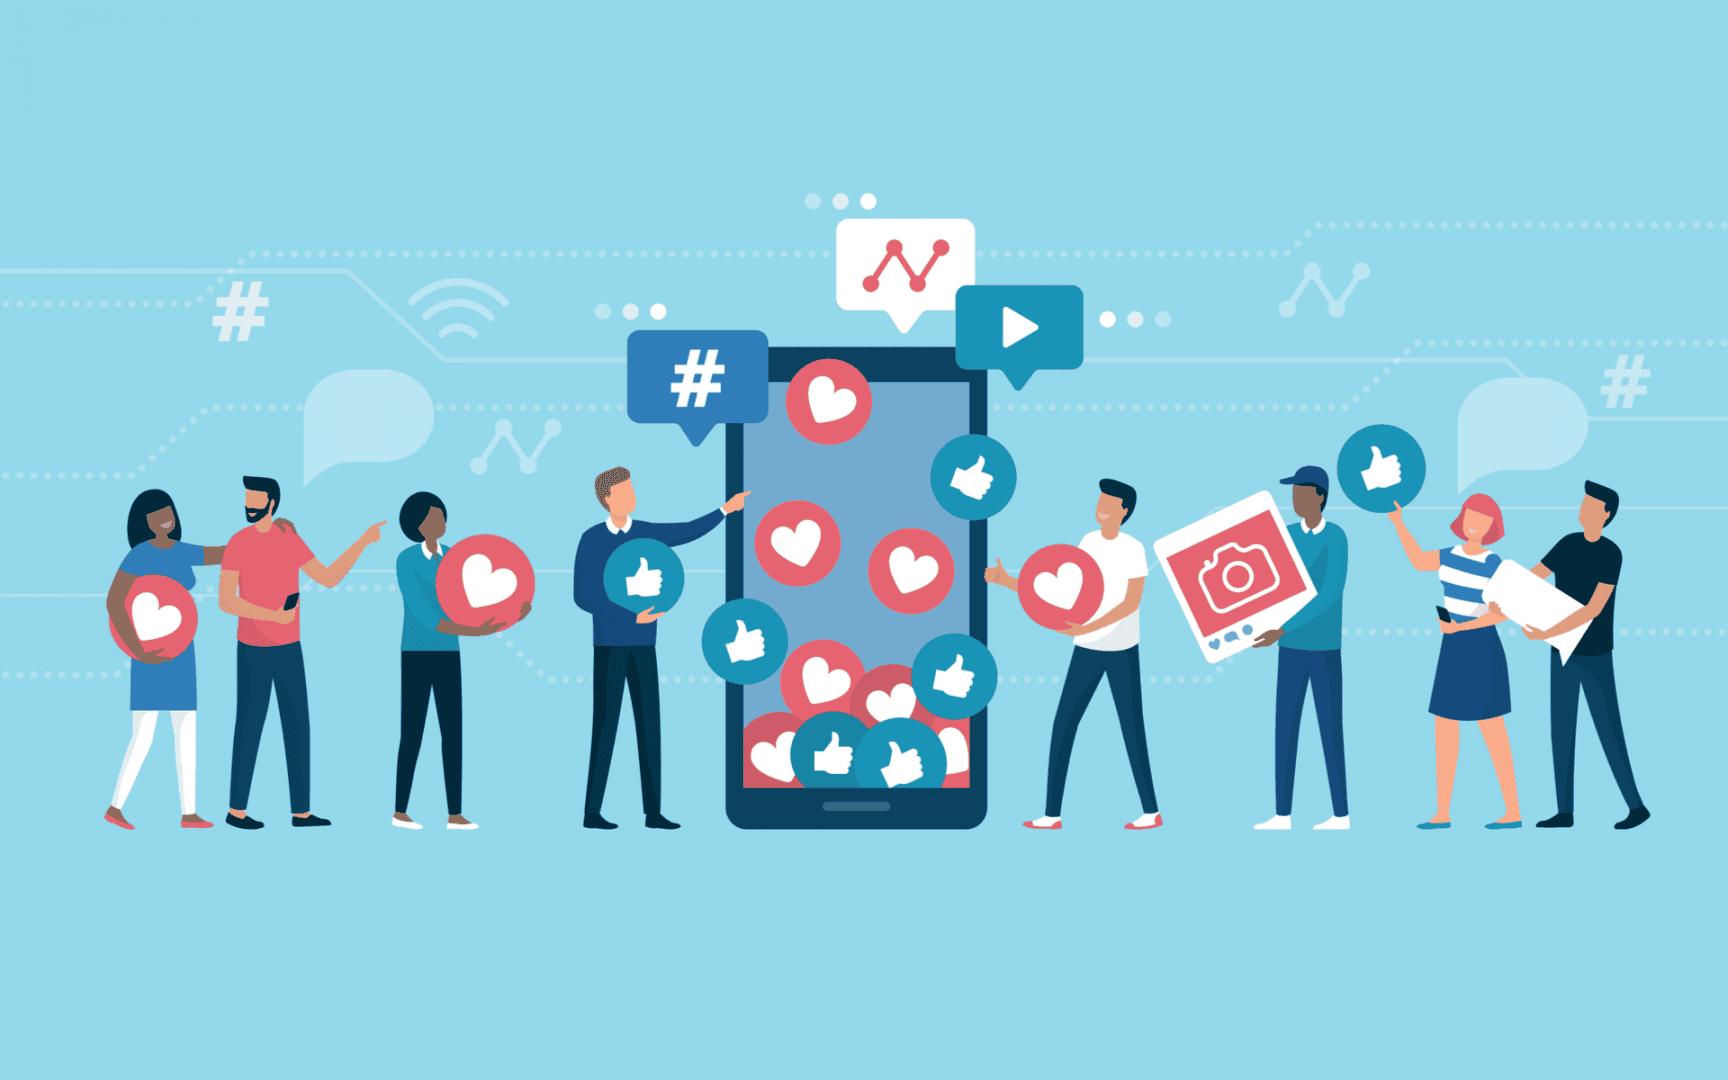 inwestowanie za pomocą social mediów